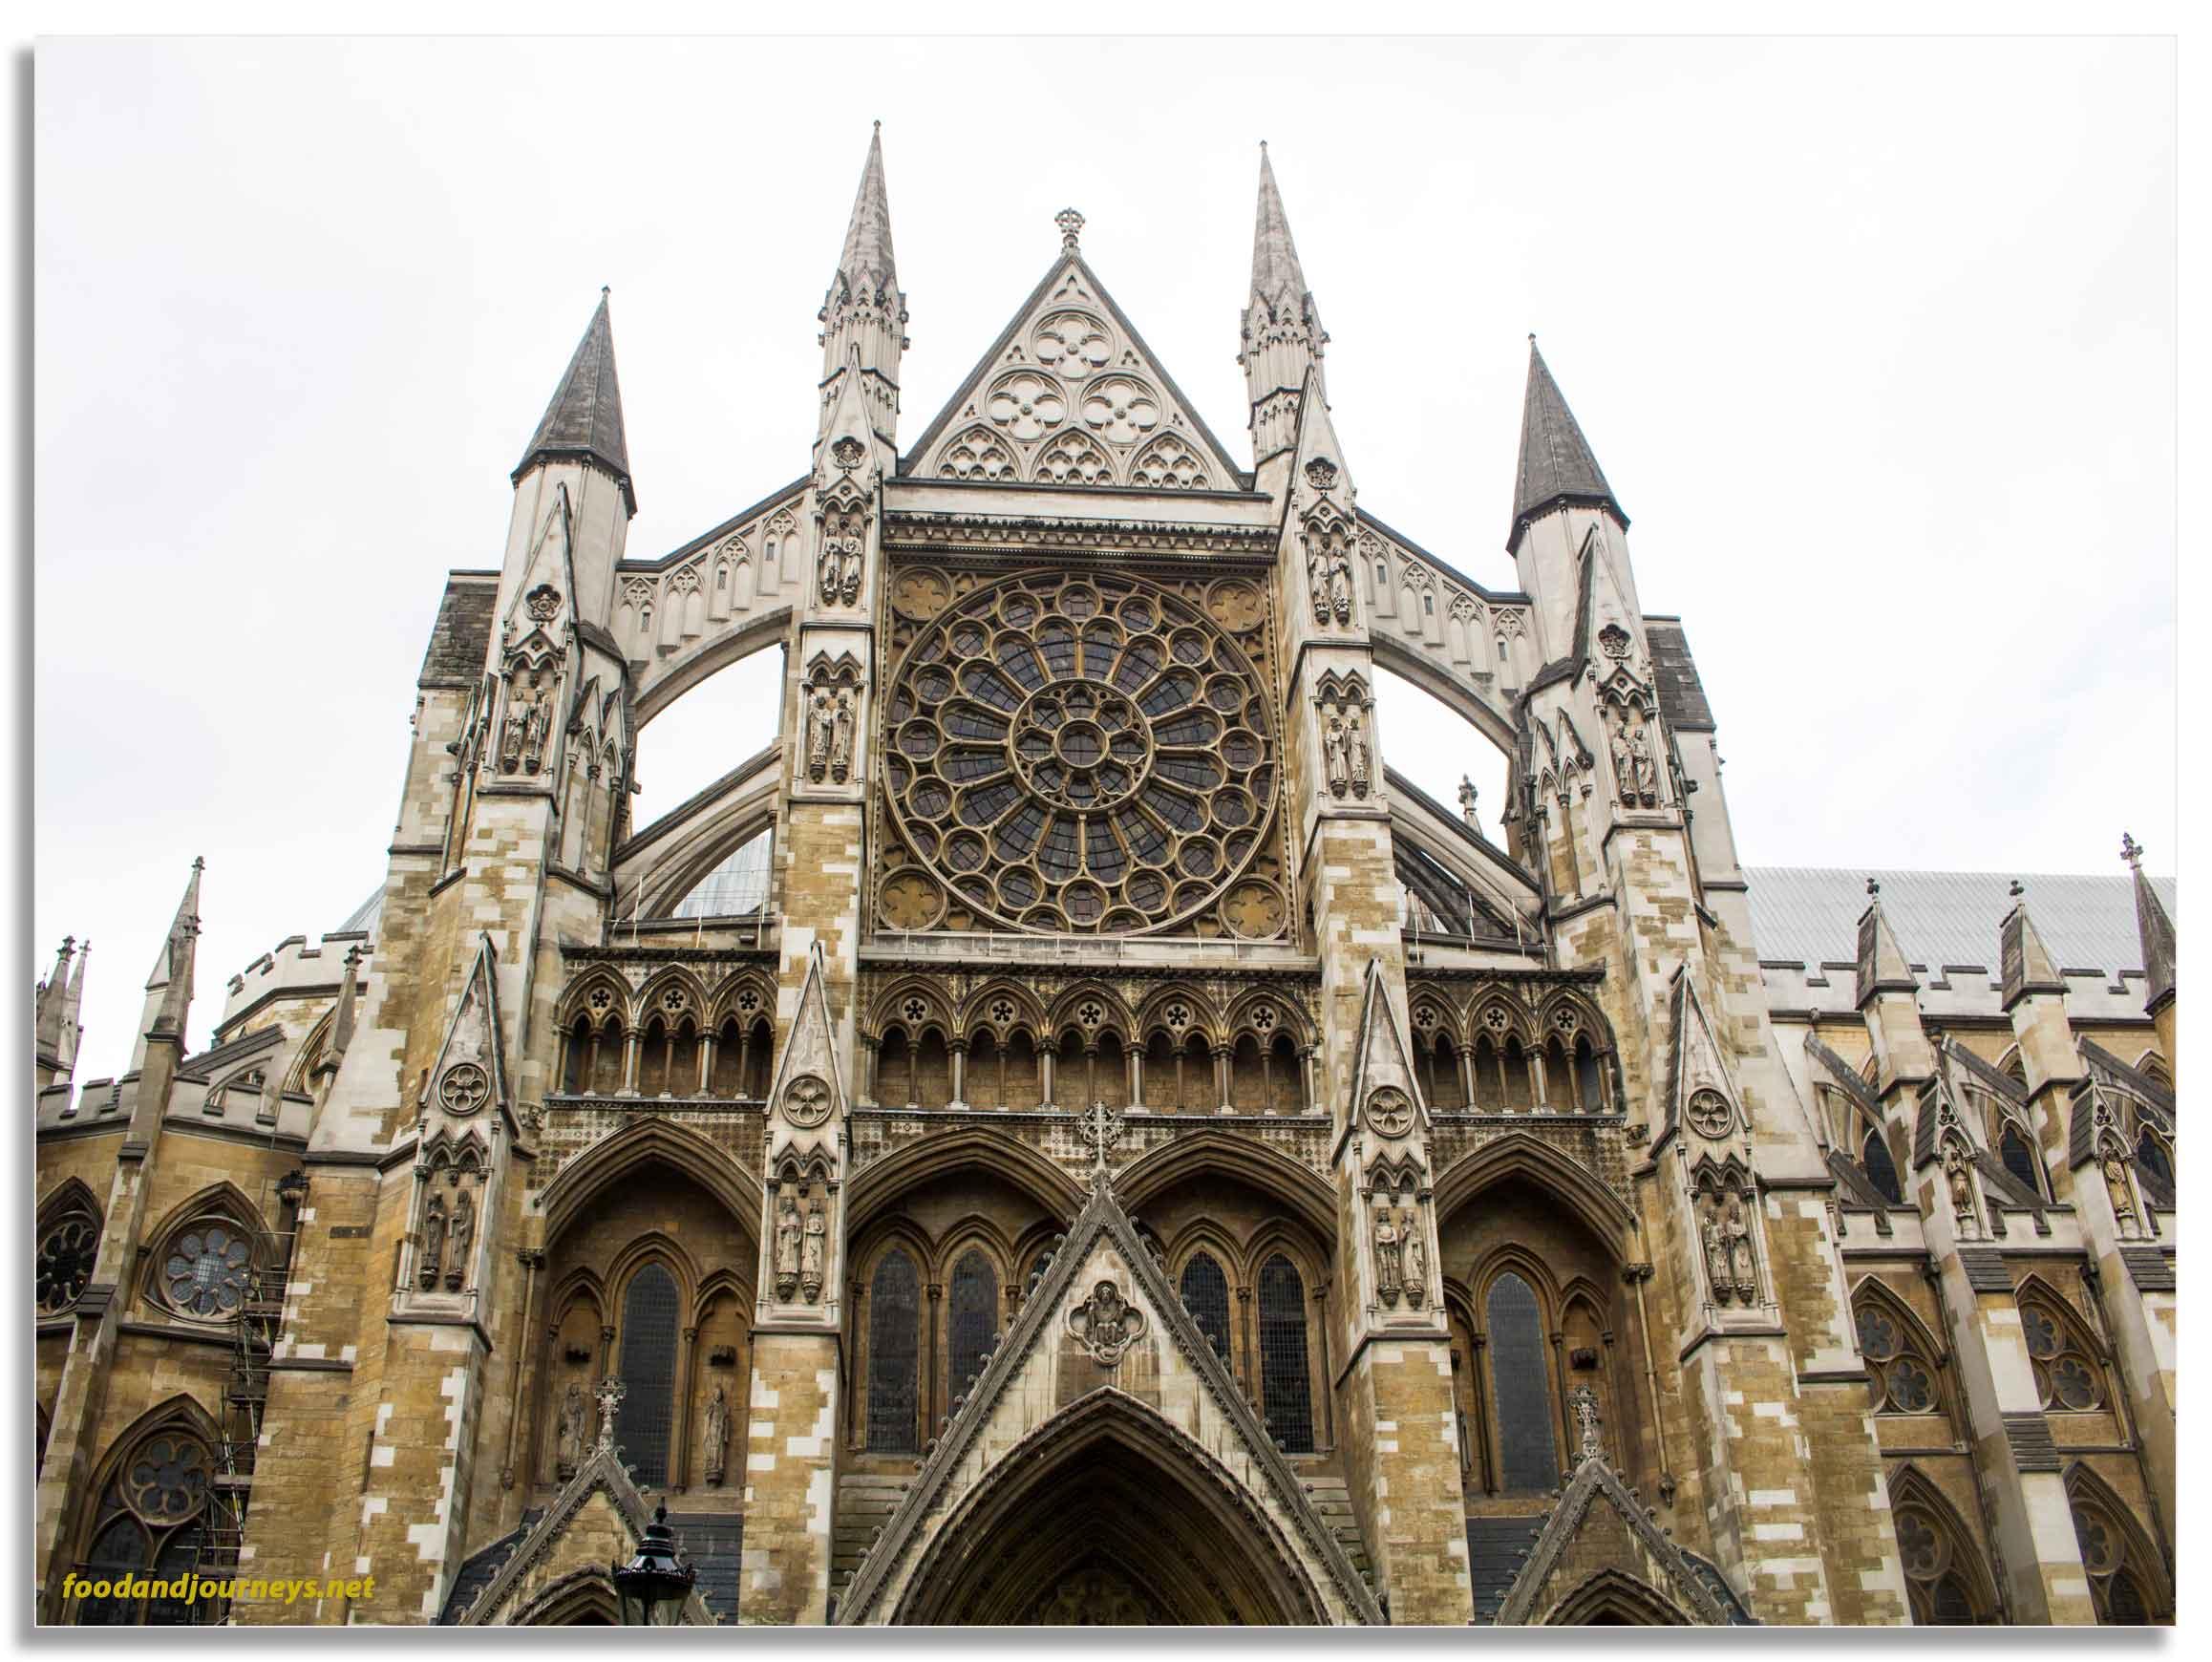 Westminster Abbey London|foodandjourneys.net